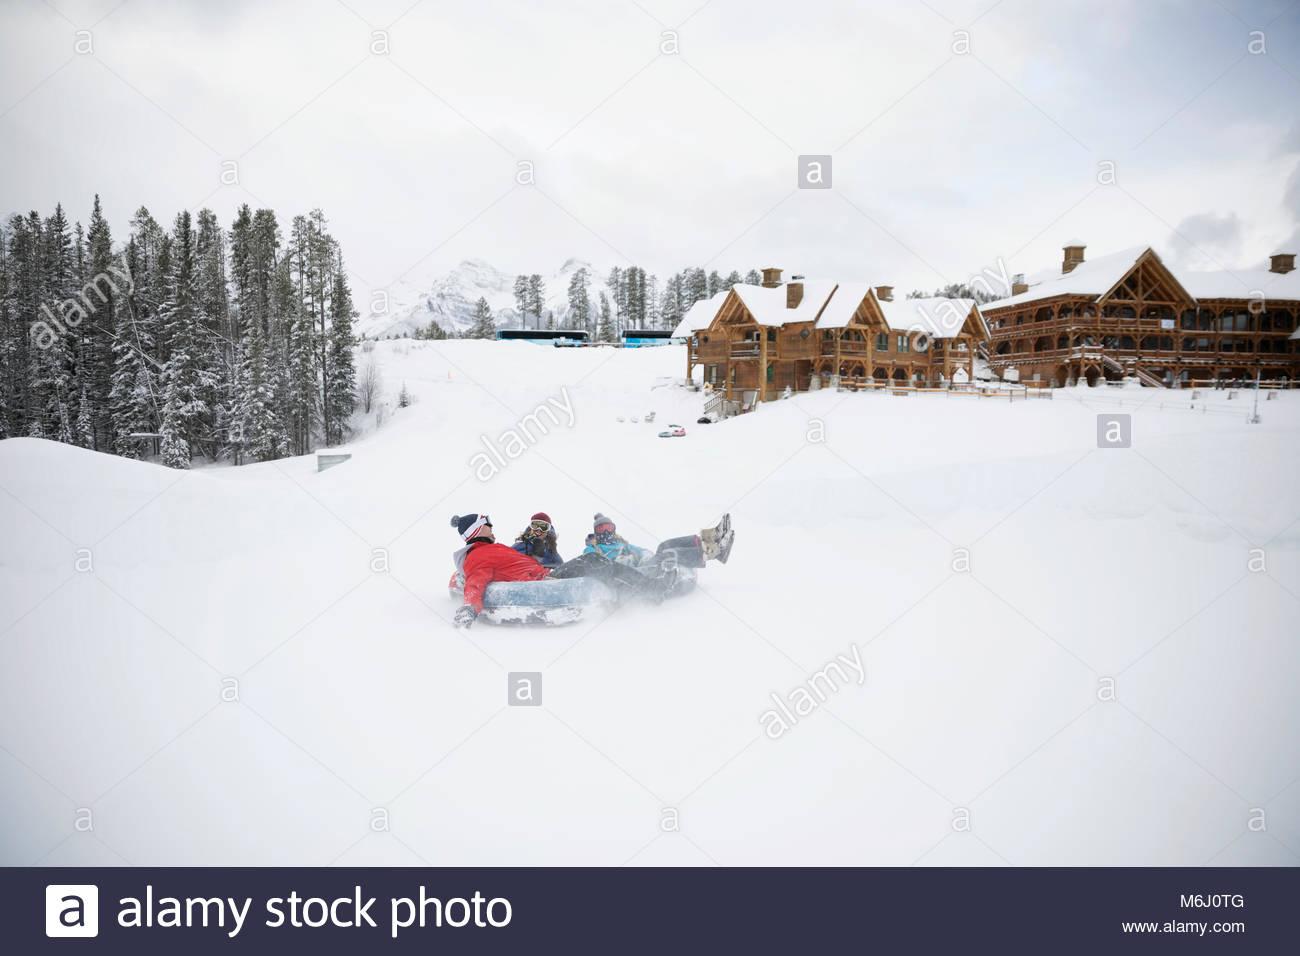 Playful family inner tubing in snow at ski resort tube park - Stock Image